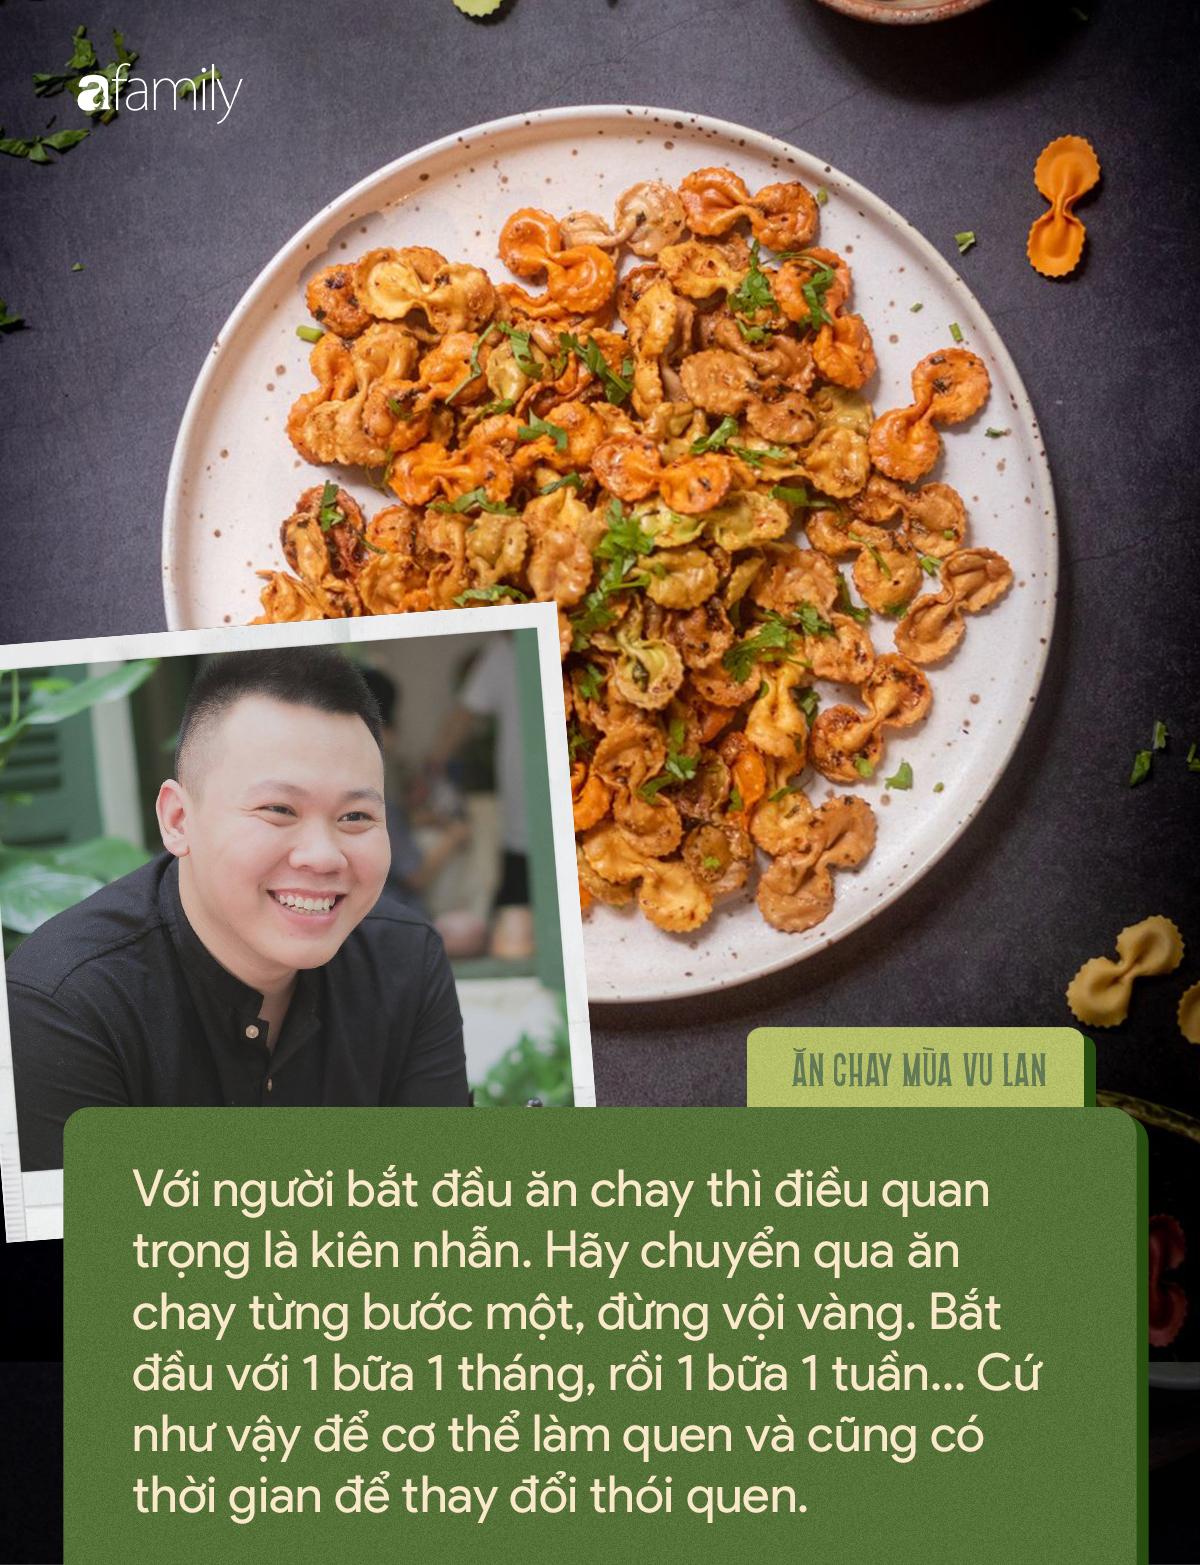 Chàng trai 9X tác giả của loạt món chay đẹp lung linh kể chuyện ăn chay vì môi trường và những quan điểm khiến ai cũng gật gù - Ảnh 12.